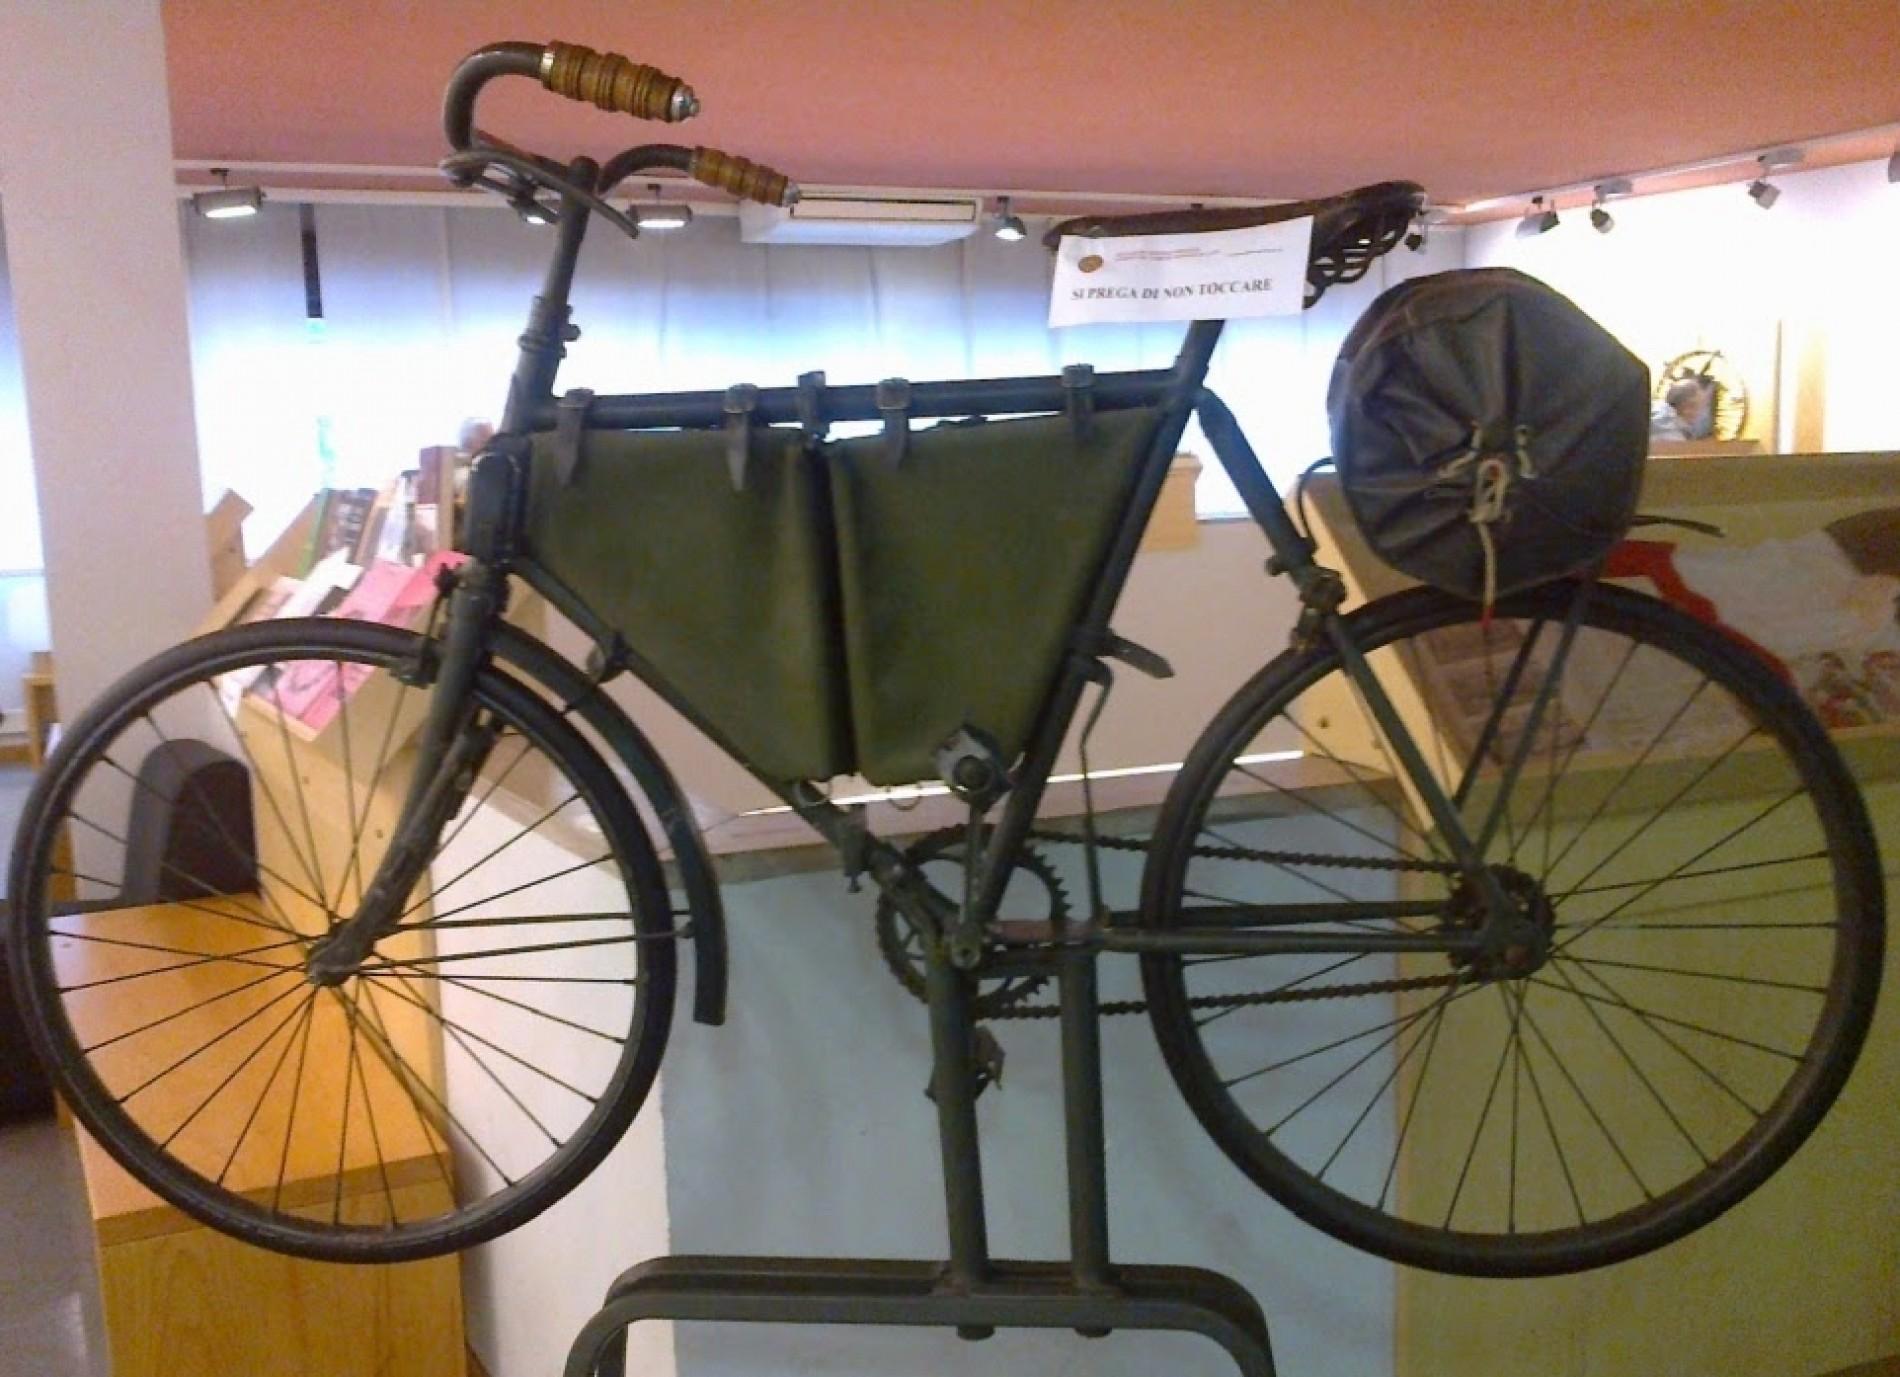 Bici e fucile: la guerra a colpi di pedale